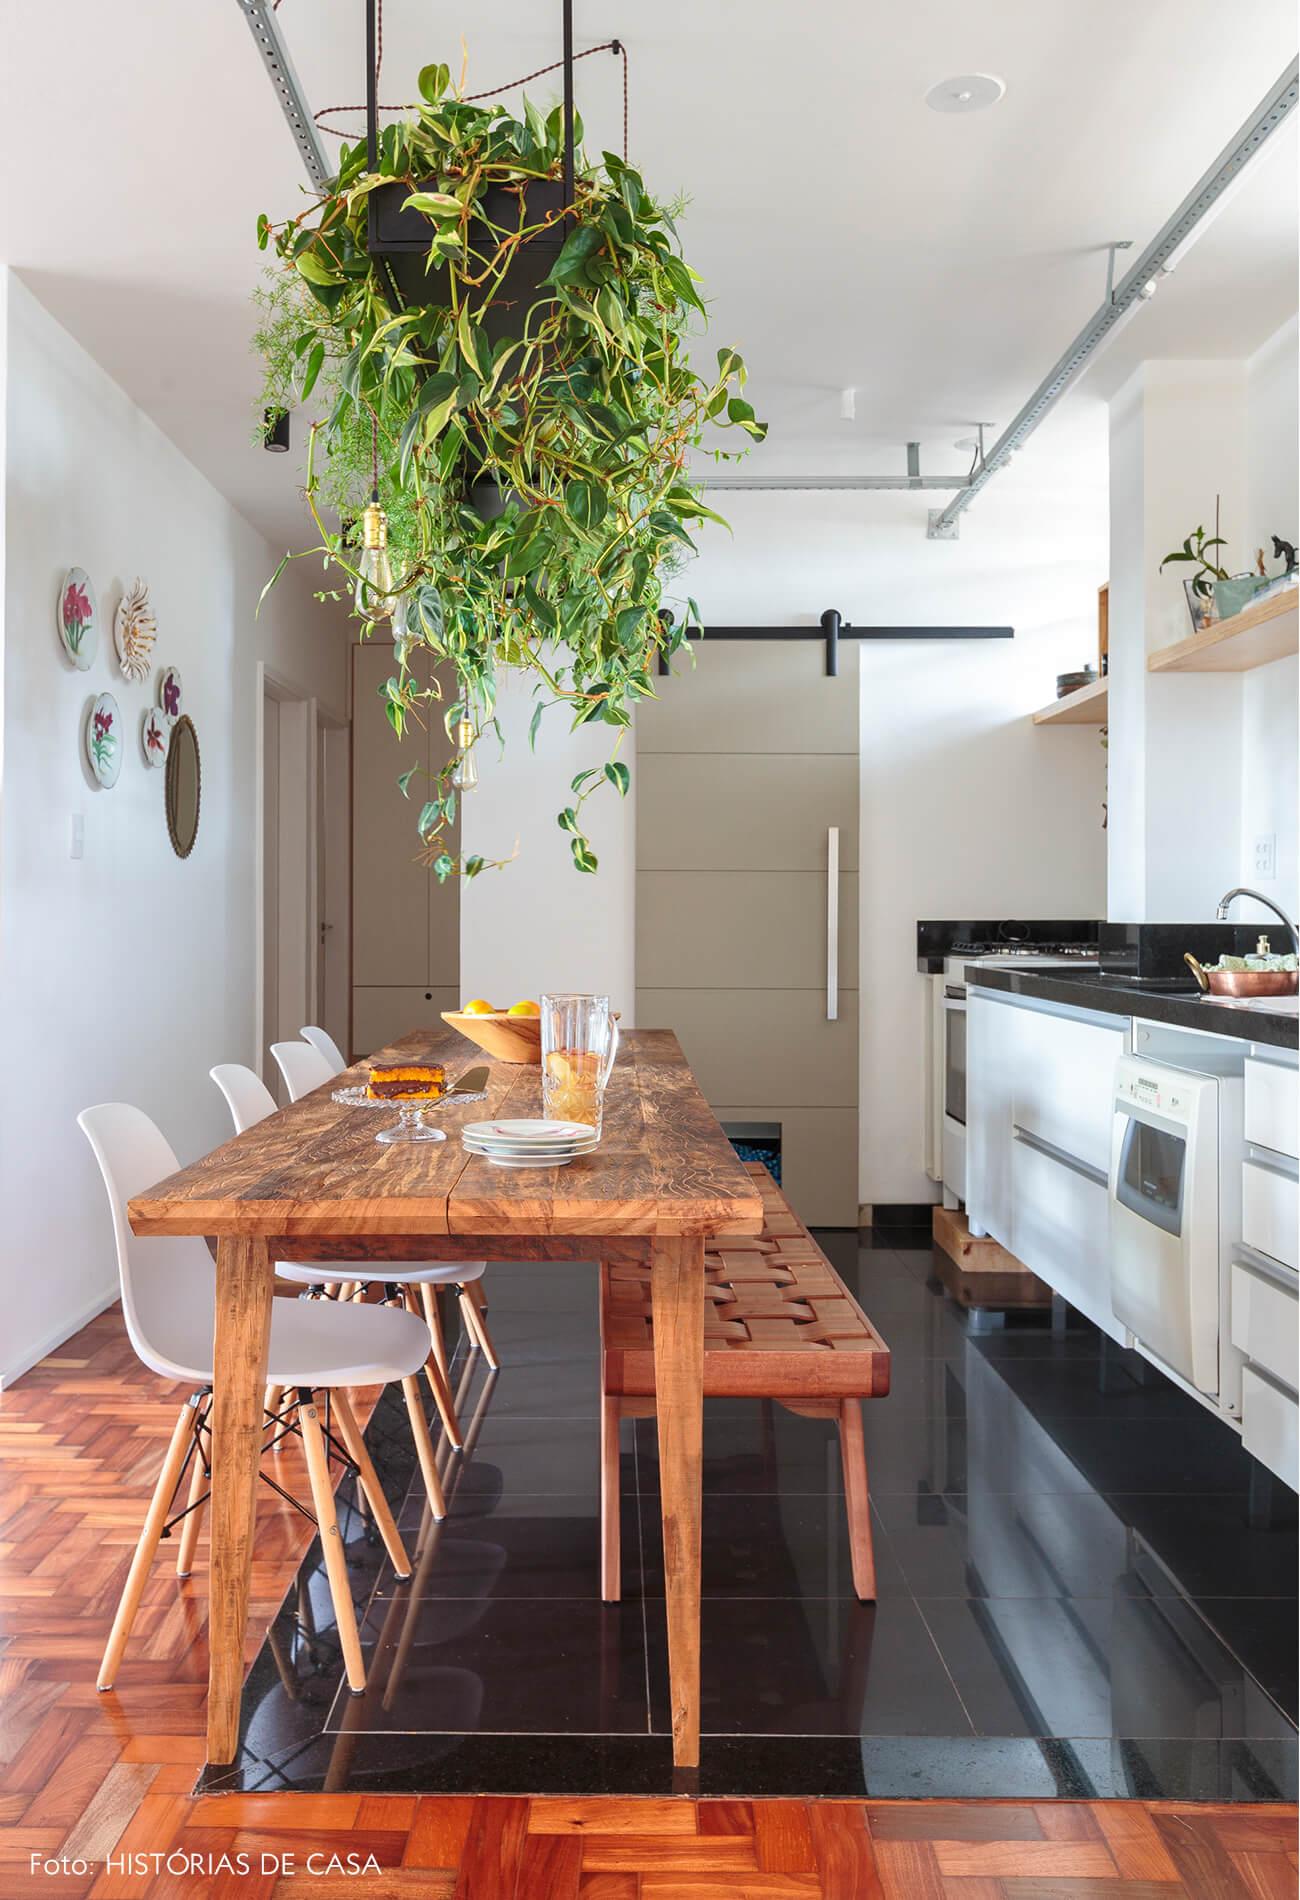 cozinha-piso-taco-madeira-mesa-banco-madeira-cadeira-eames-branca-plantas-suspensas-pratos-decorativos